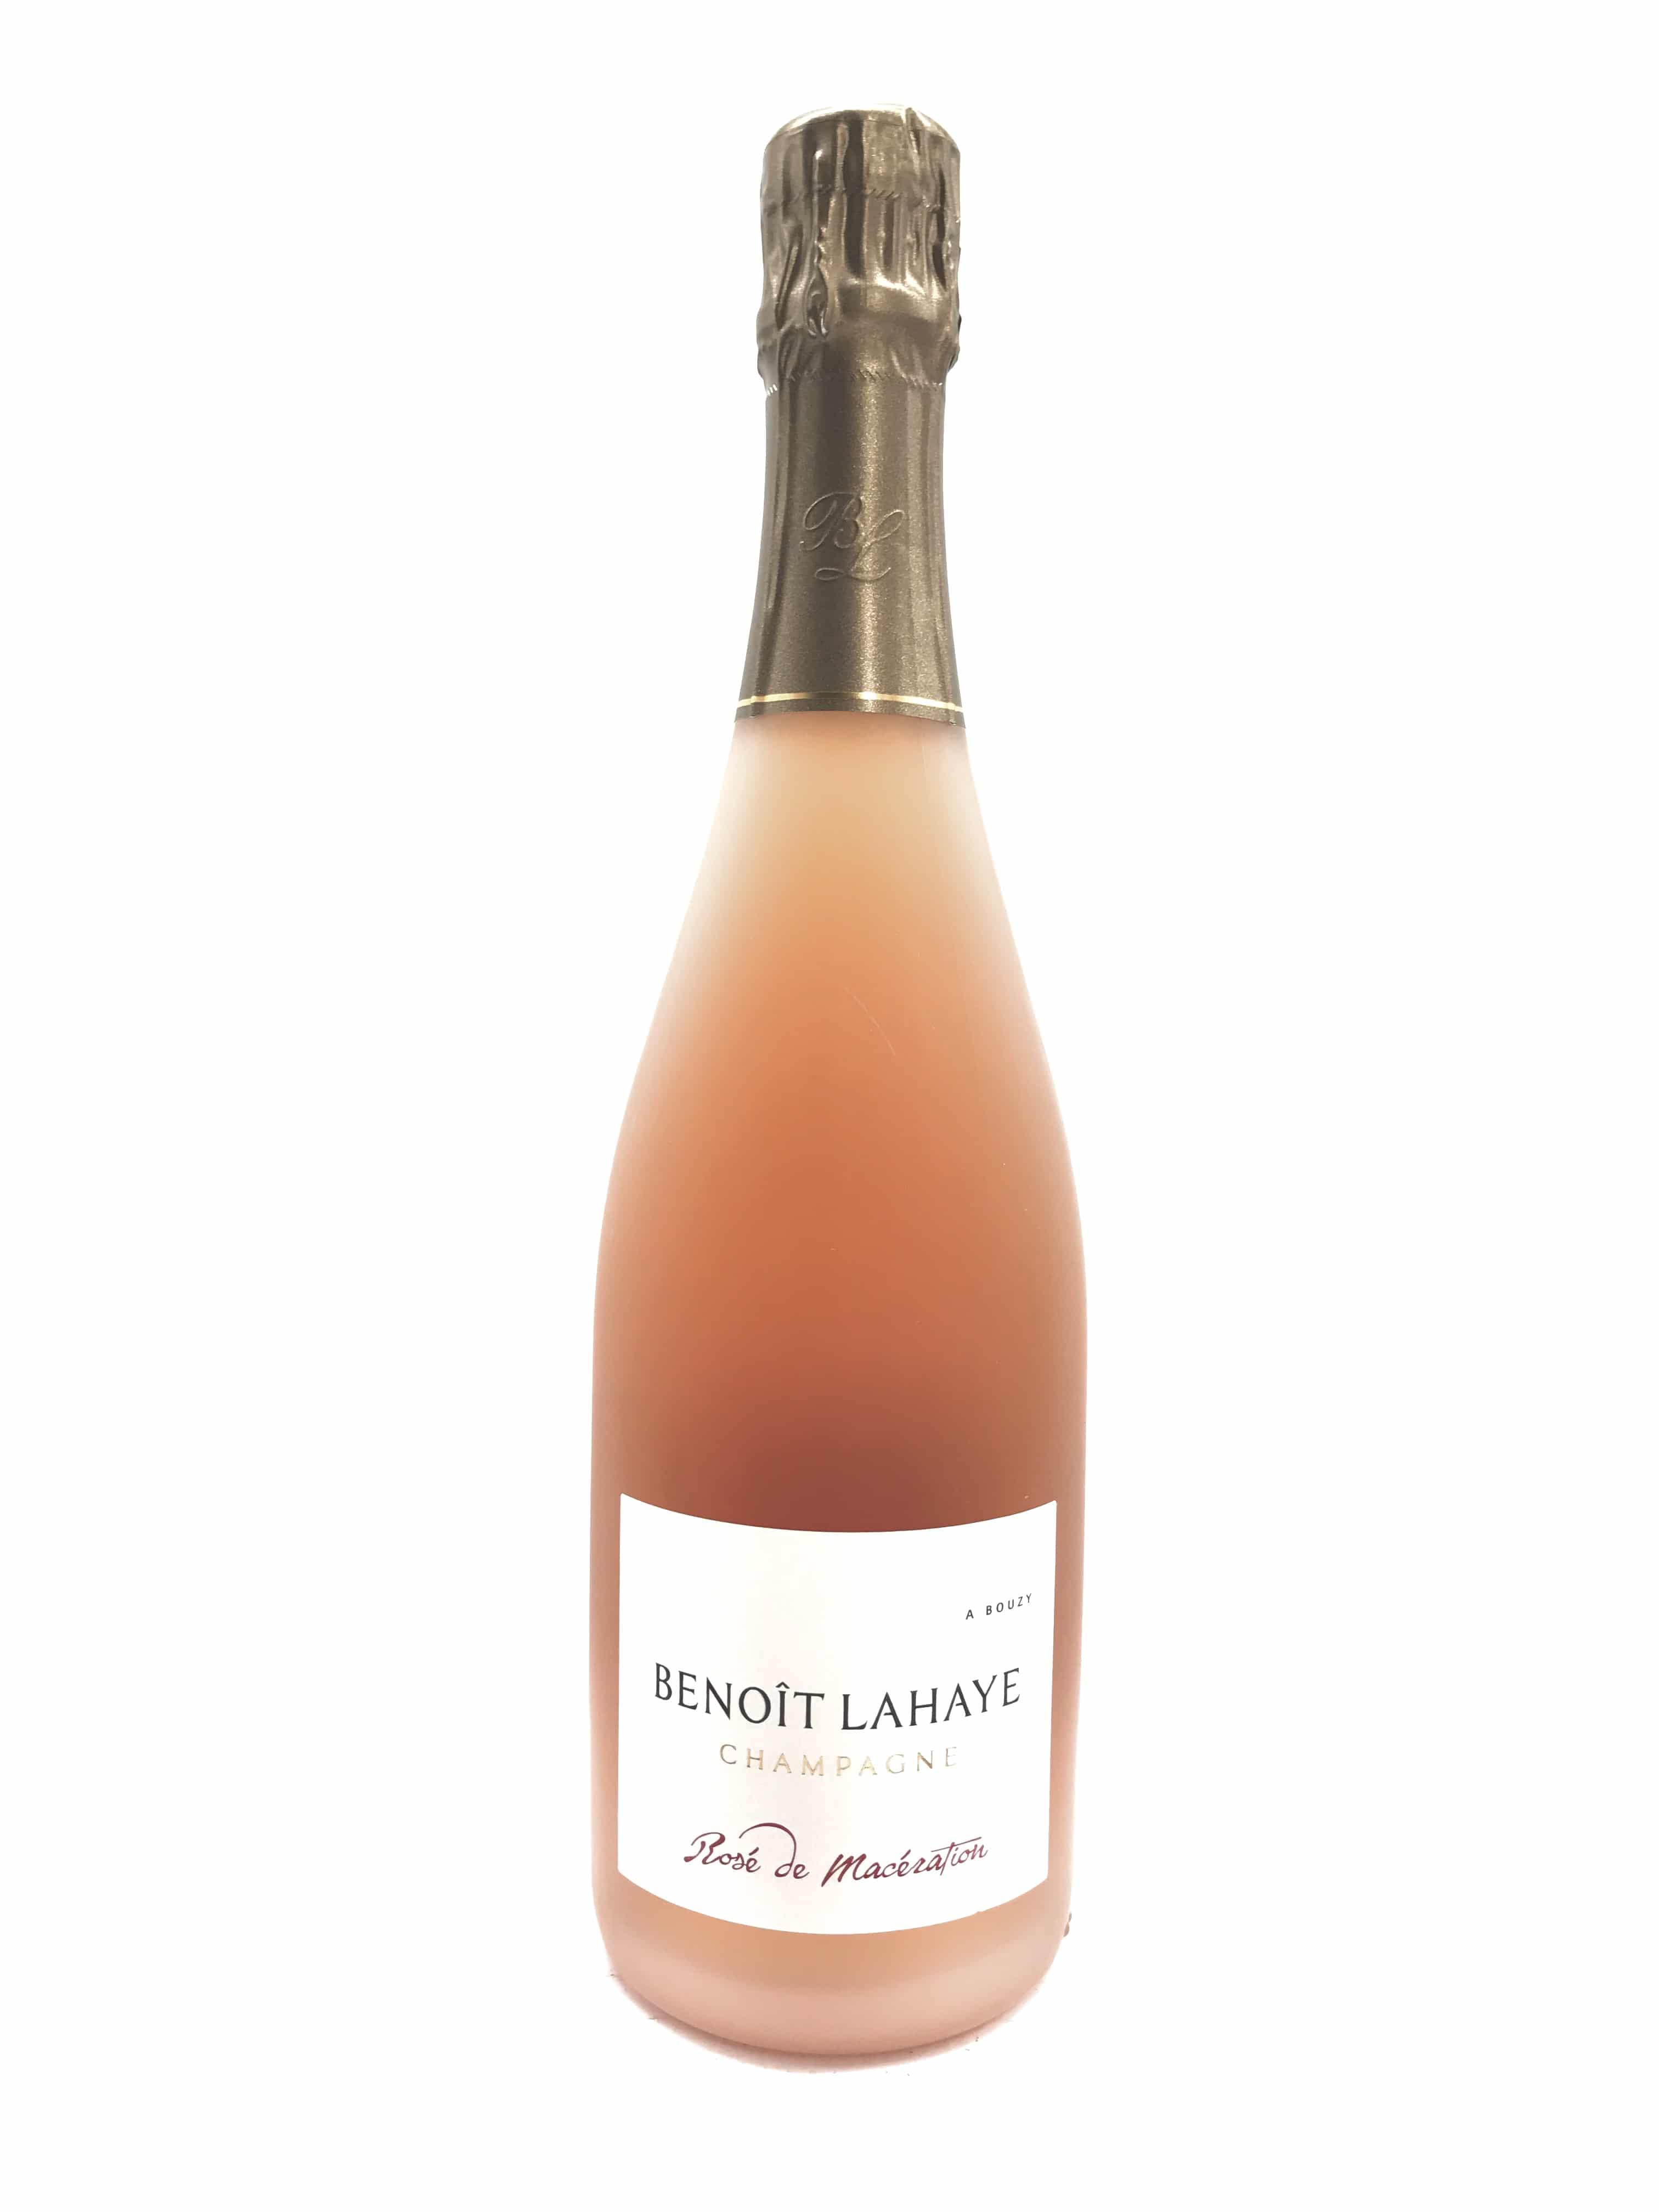 Champagne Benoit Lahaye Rosé de Maceration